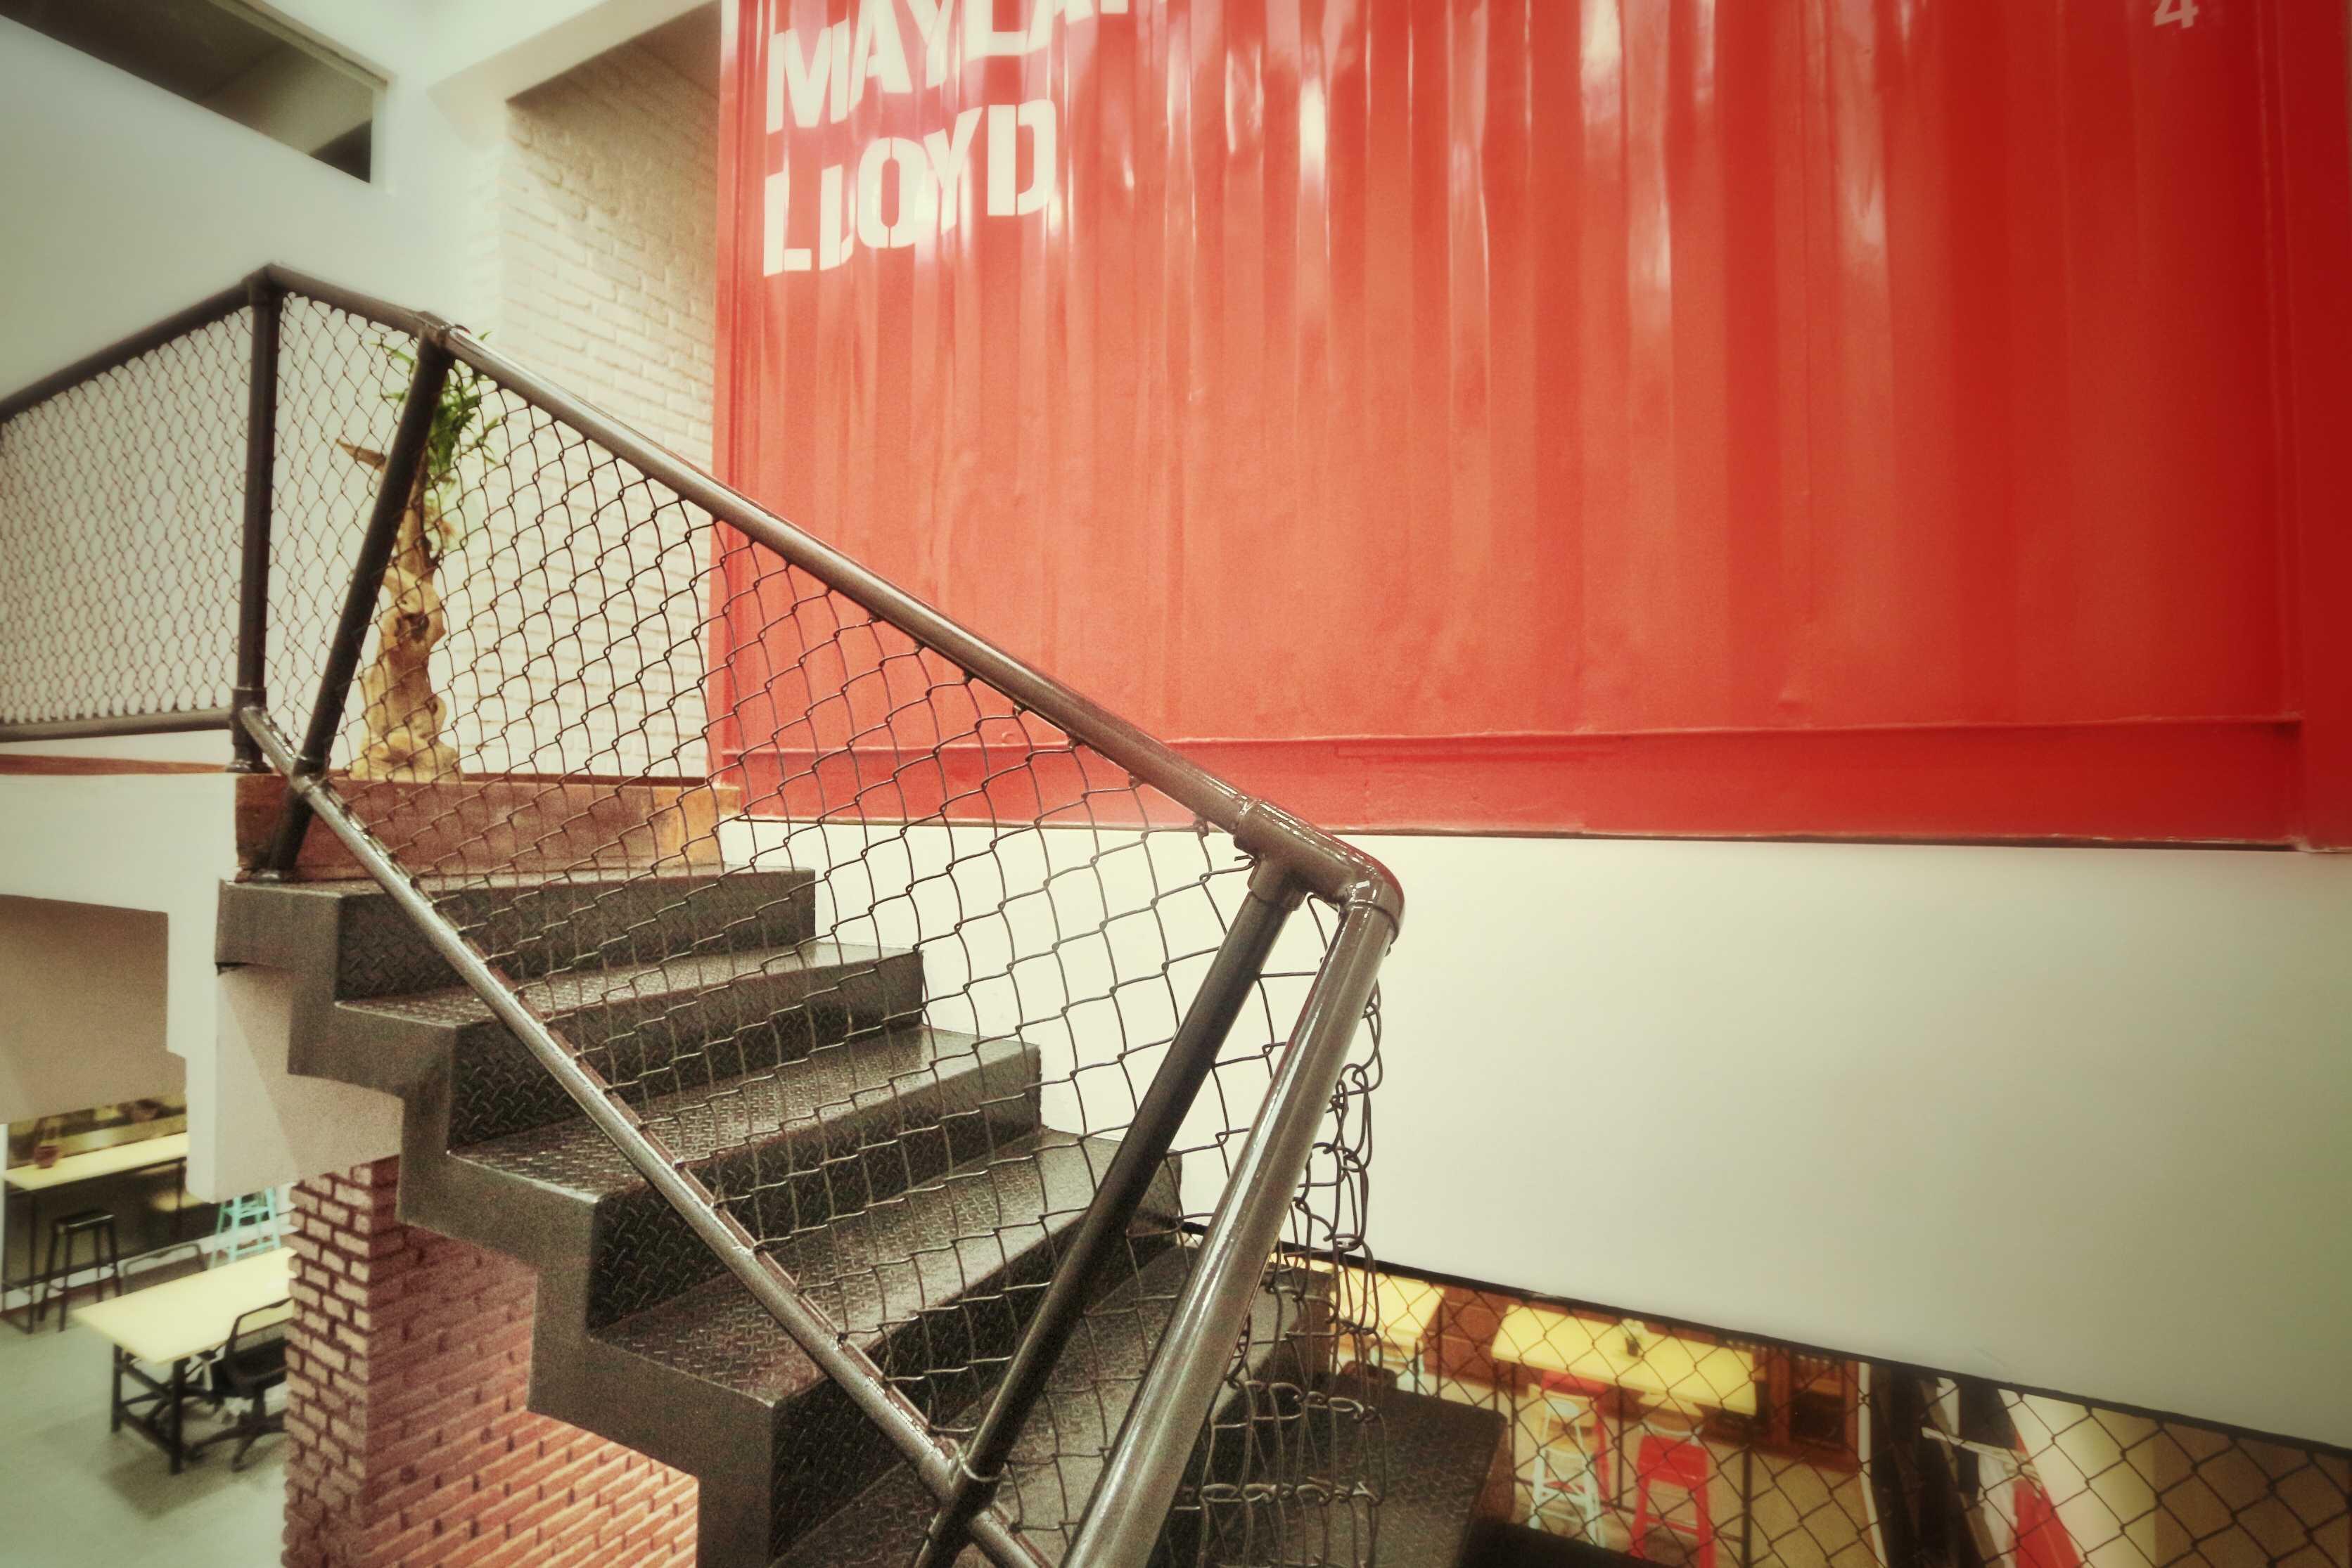 Kotak Design Tier Space Interior Jakarta, Daerah Khusus Ibukota Jakarta, Indonesia Jakarta, Daerah Khusus Ibukota Jakarta, Indonesia Tier Space Interior - Stairs   45461